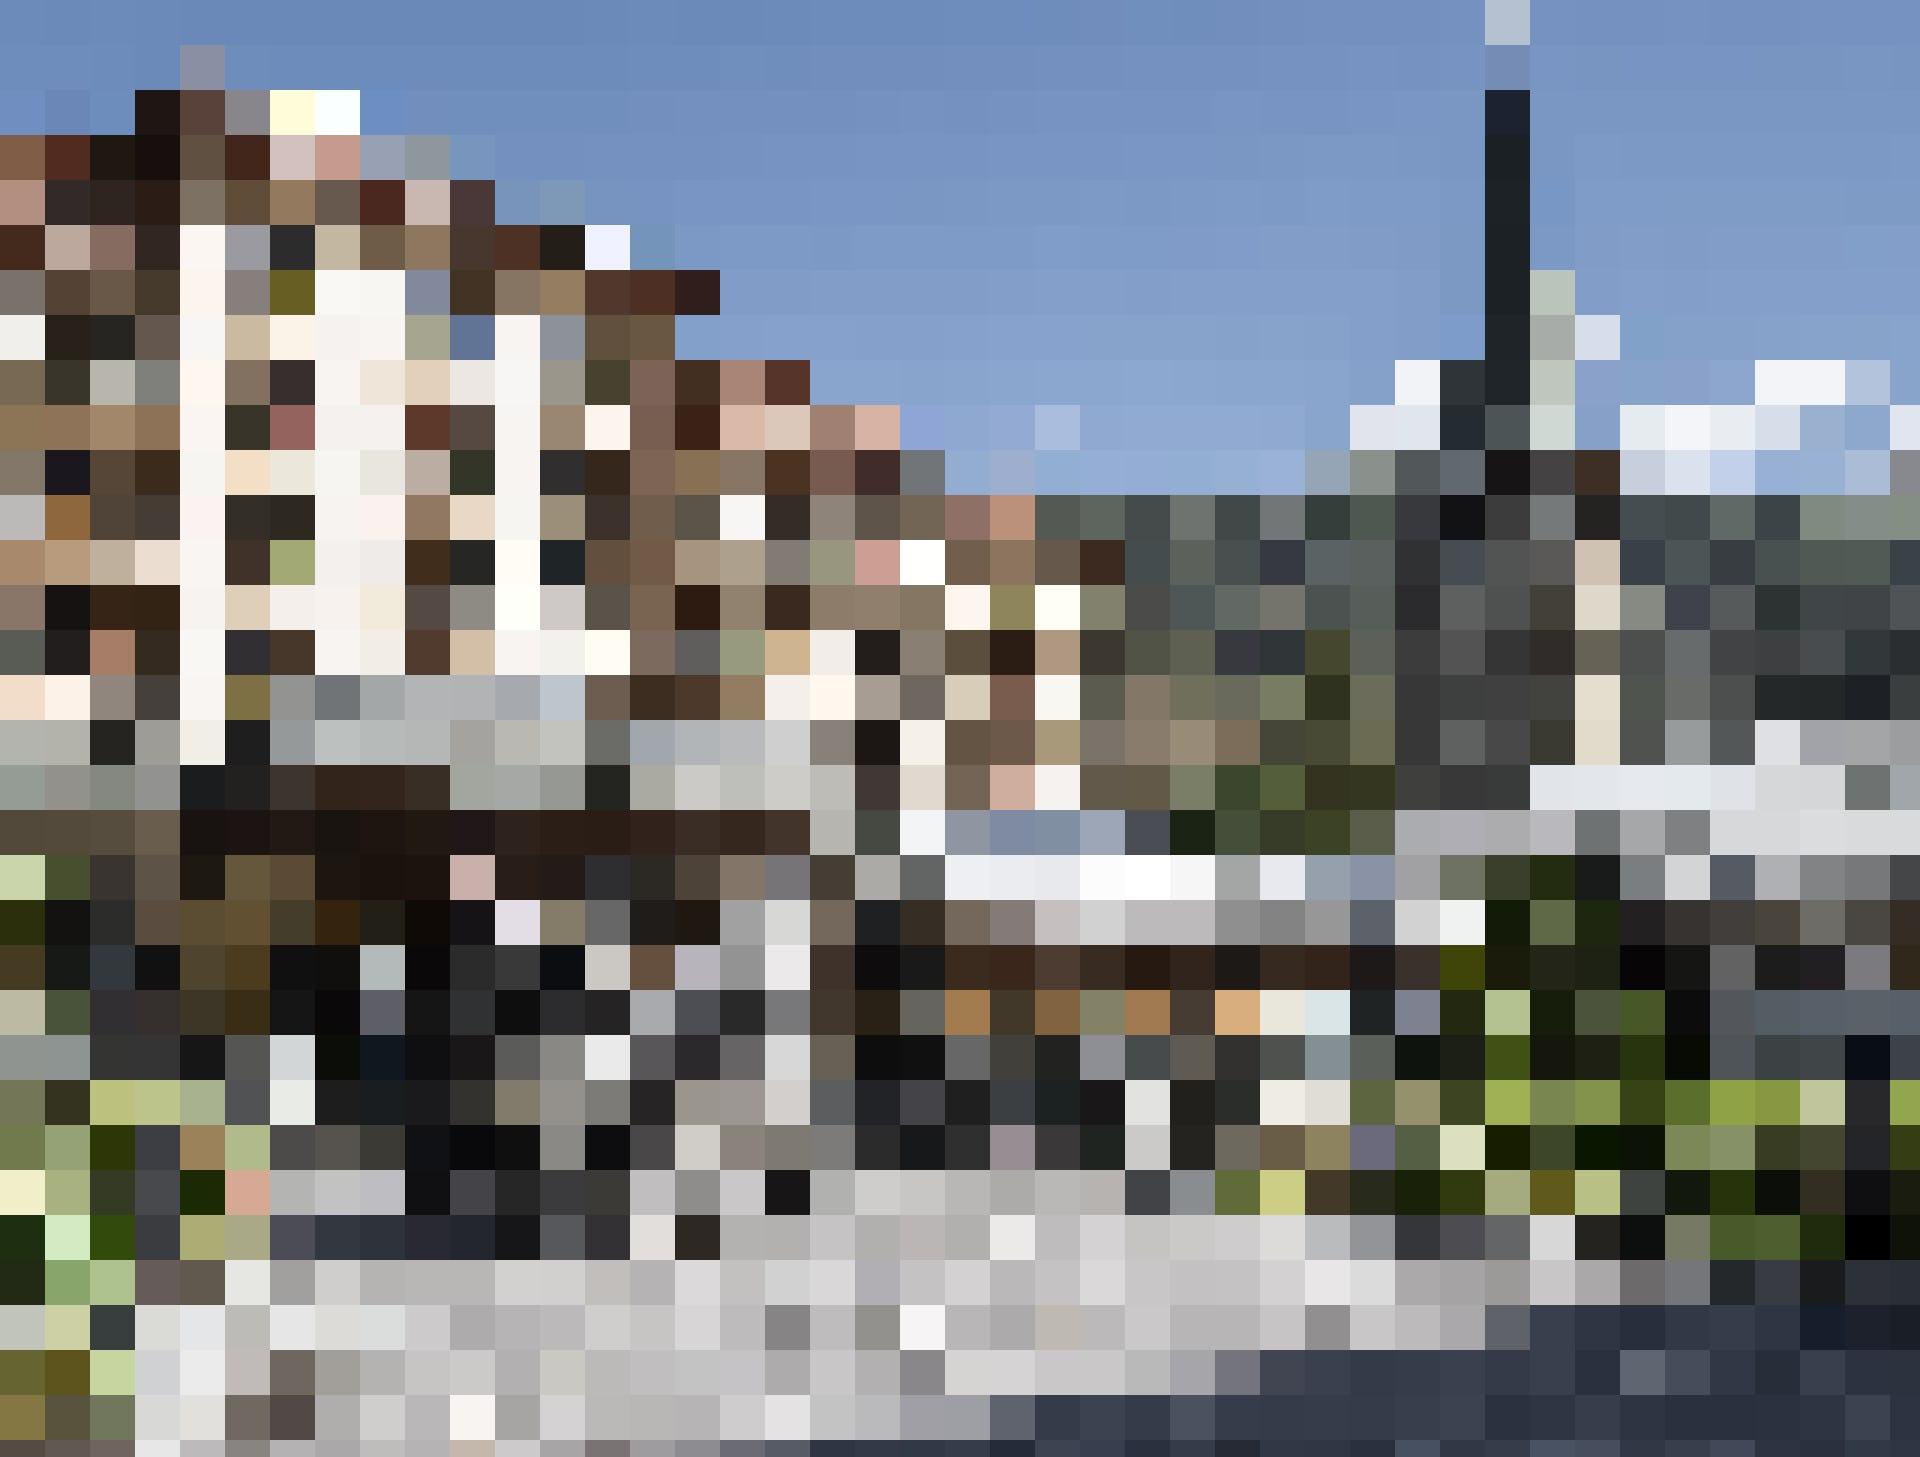 Le Zermatterhof propose à ses hôtes de rallier l'établissement en calèche depuis la gare de Zermatt. «Pluto» et «Favorit», deux lippizzans, en composent l'attelage.